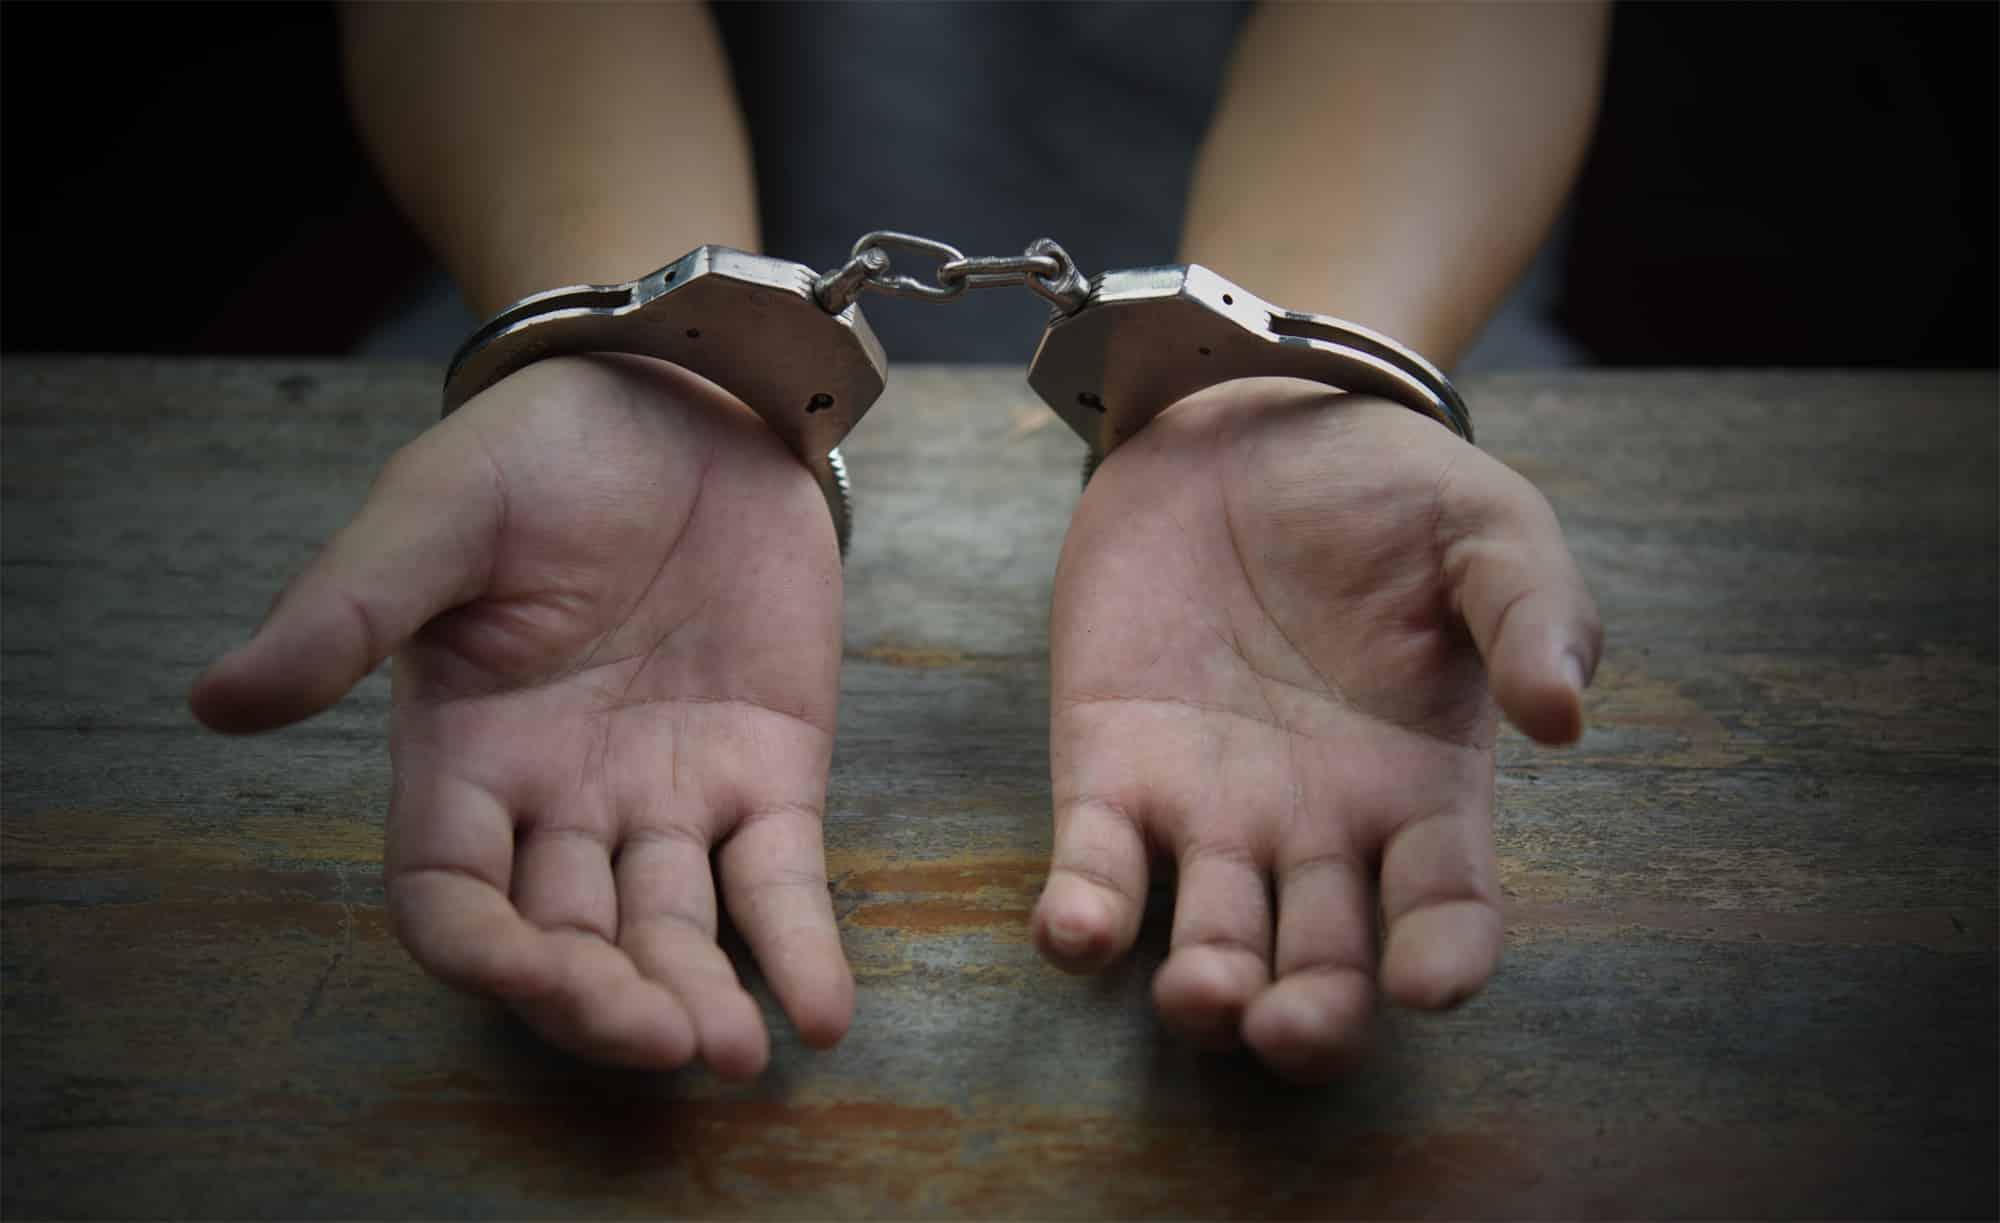 סגירת תיק פלילי מחוסר אשמה ללקוח קטין שנחשד בעבירות סמים